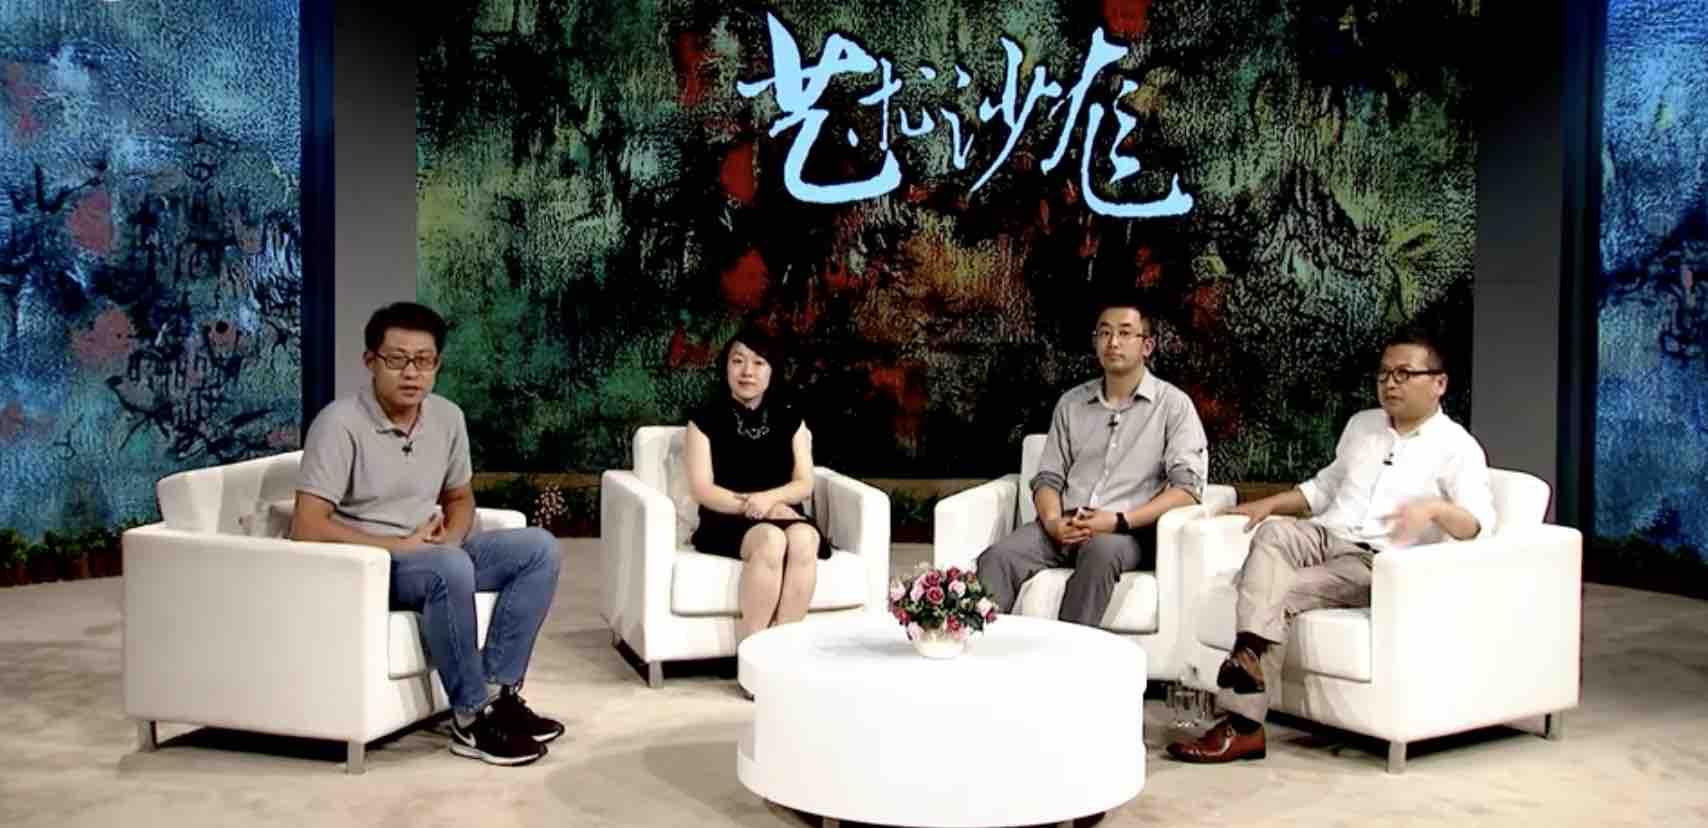 艺术中国:未来美术馆的图景(一)